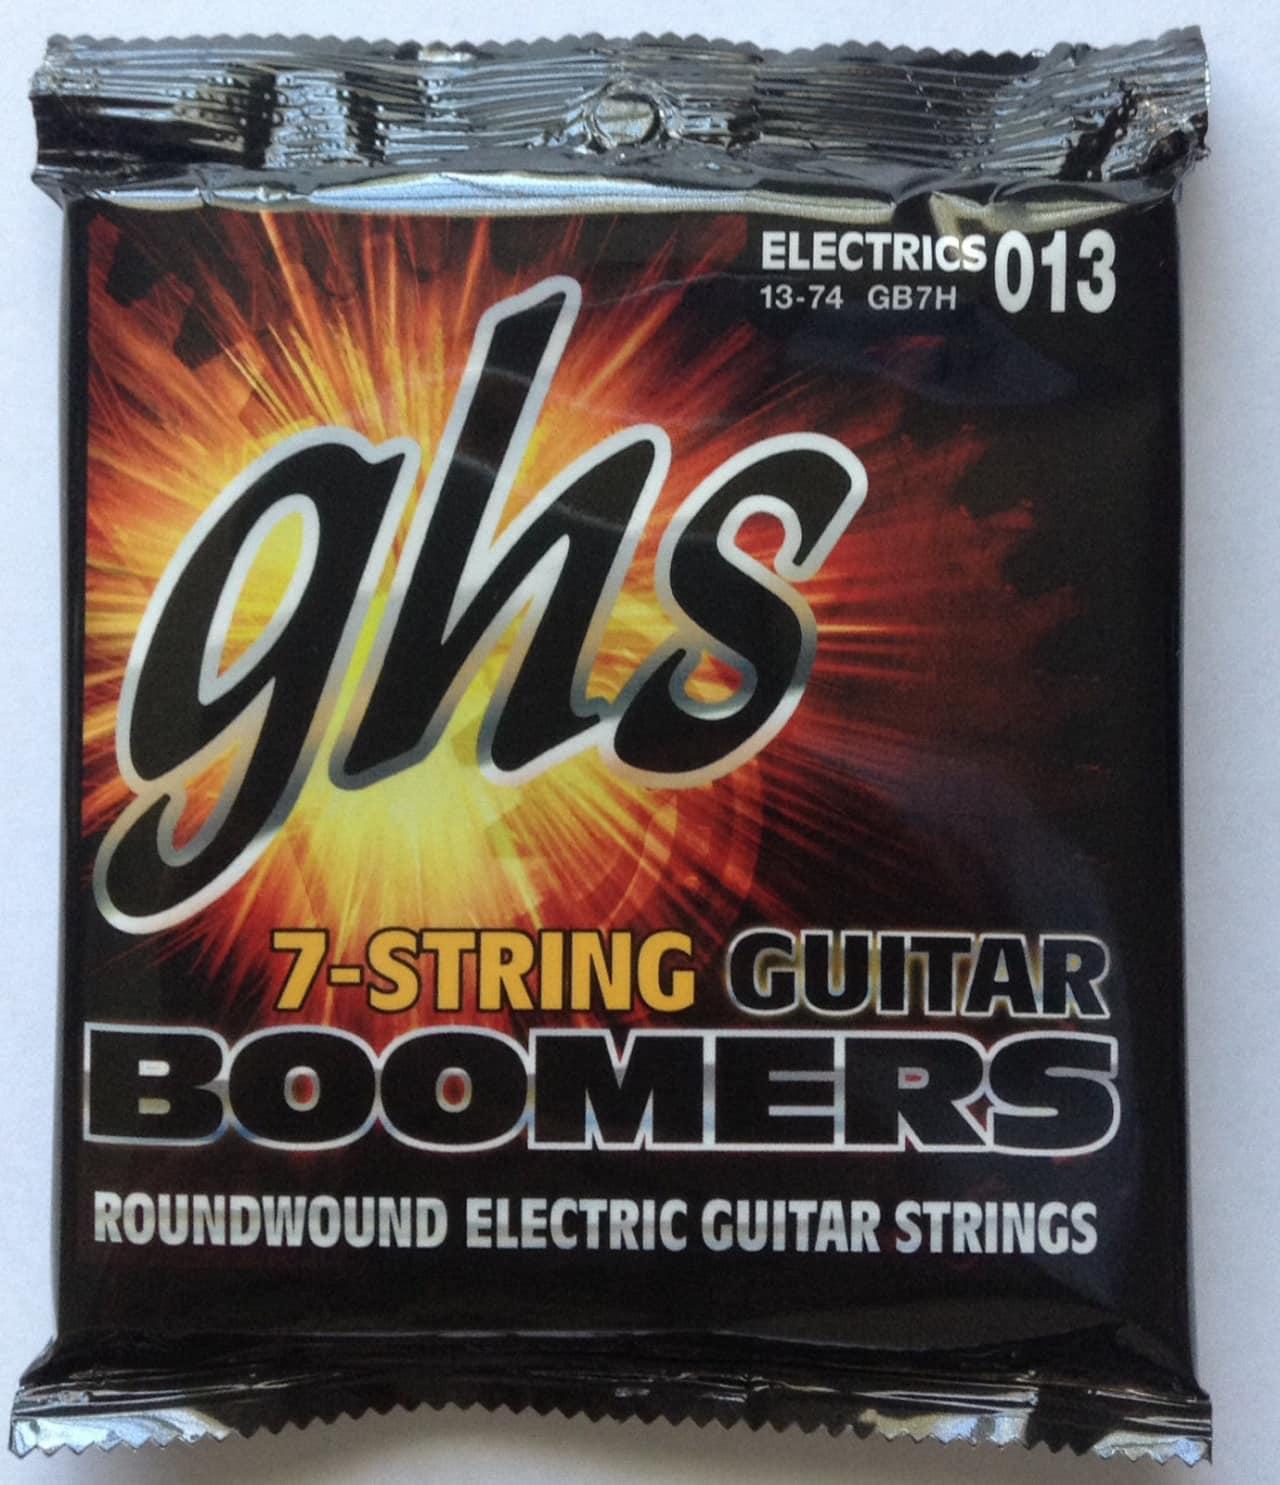 ghs gb7h boomers electric guitar strings 7 string set gauges reverb. Black Bedroom Furniture Sets. Home Design Ideas